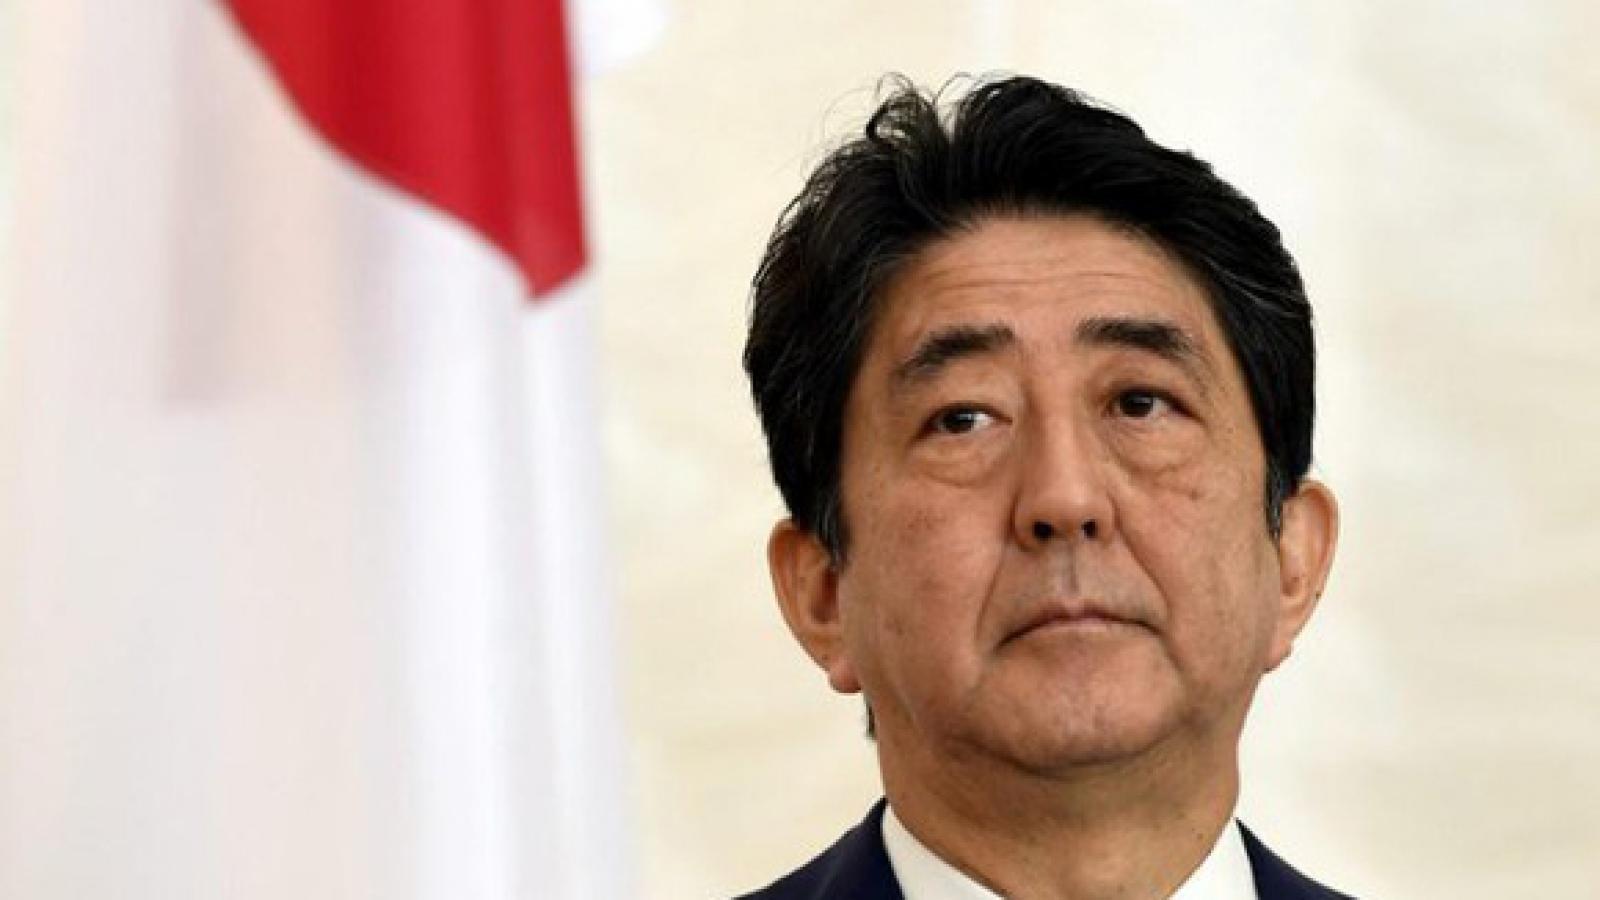 Nhật Bản hợp tác chặt chẽ với Mỹ và Hàn Quốc trong vấn đề Triều Tiên